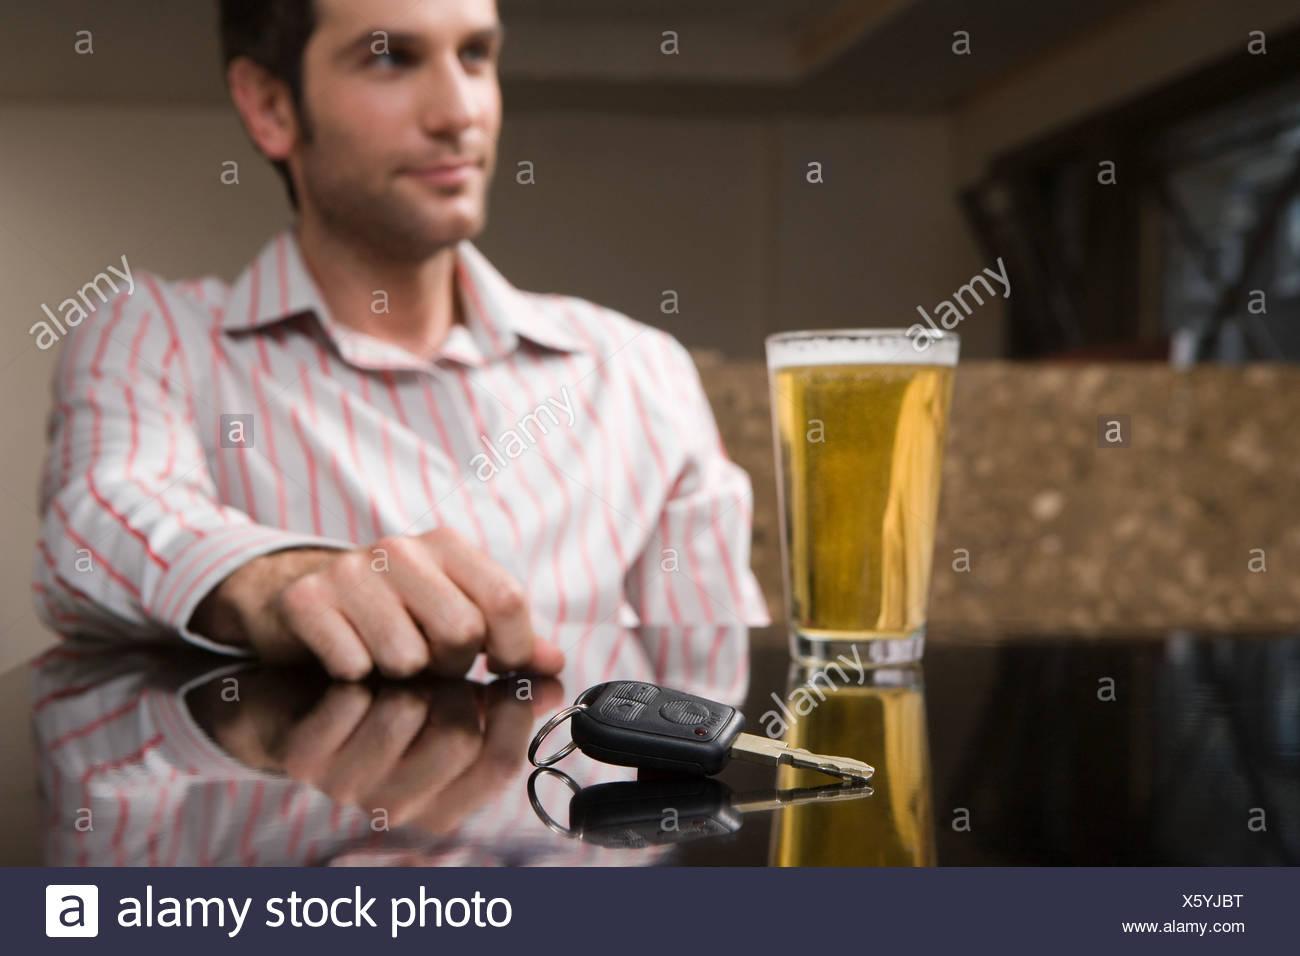 Las llaves del coche y una pinta de cerveza Foto de stock